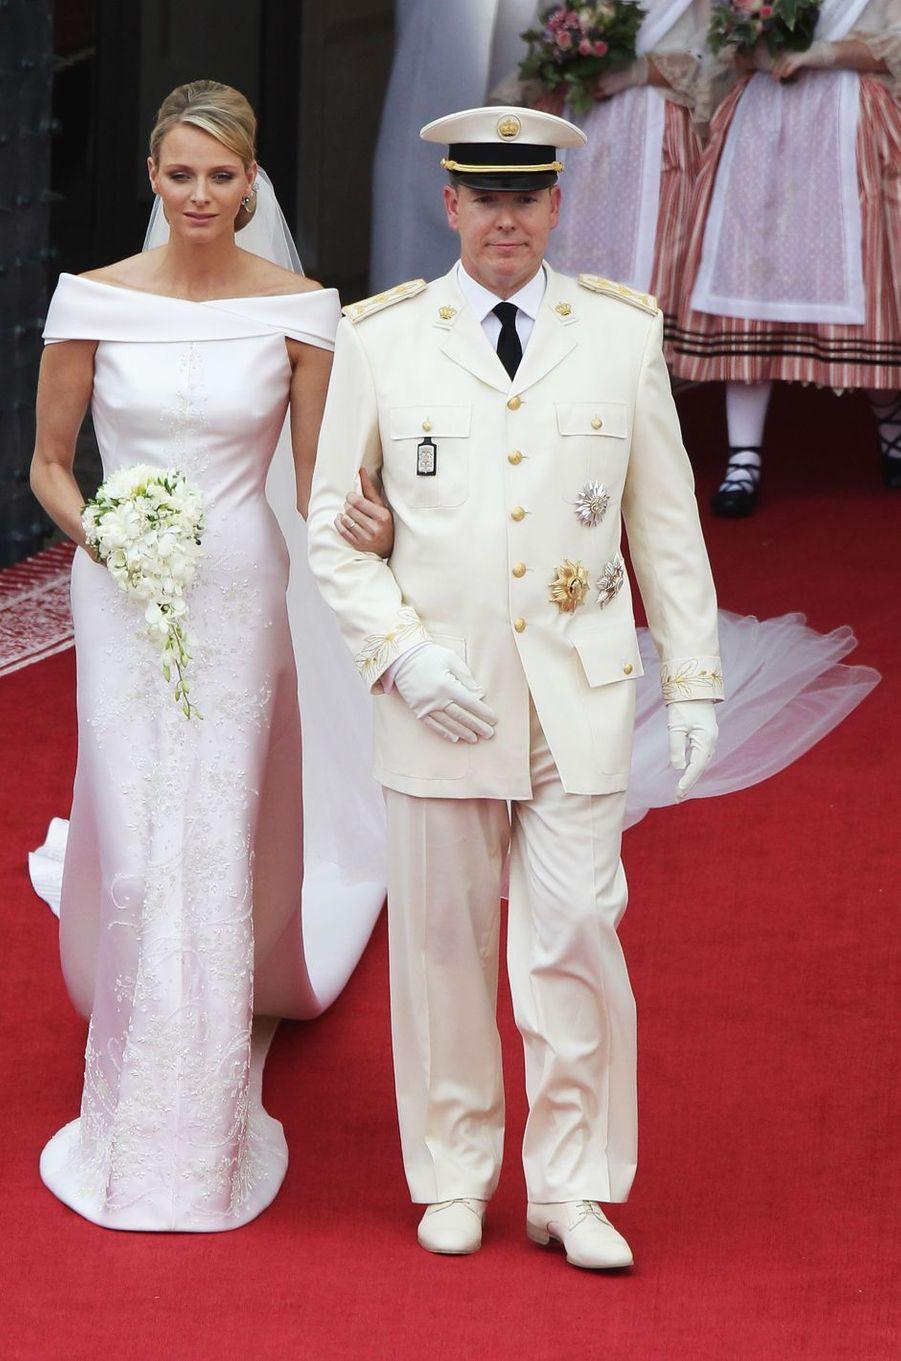 Charlène Wittstock dans sa robe de mariée Giorgio Armani, le jour de son mariage avec le prince Albert II de Monaco, le 2 juillet 2011 à Monaco